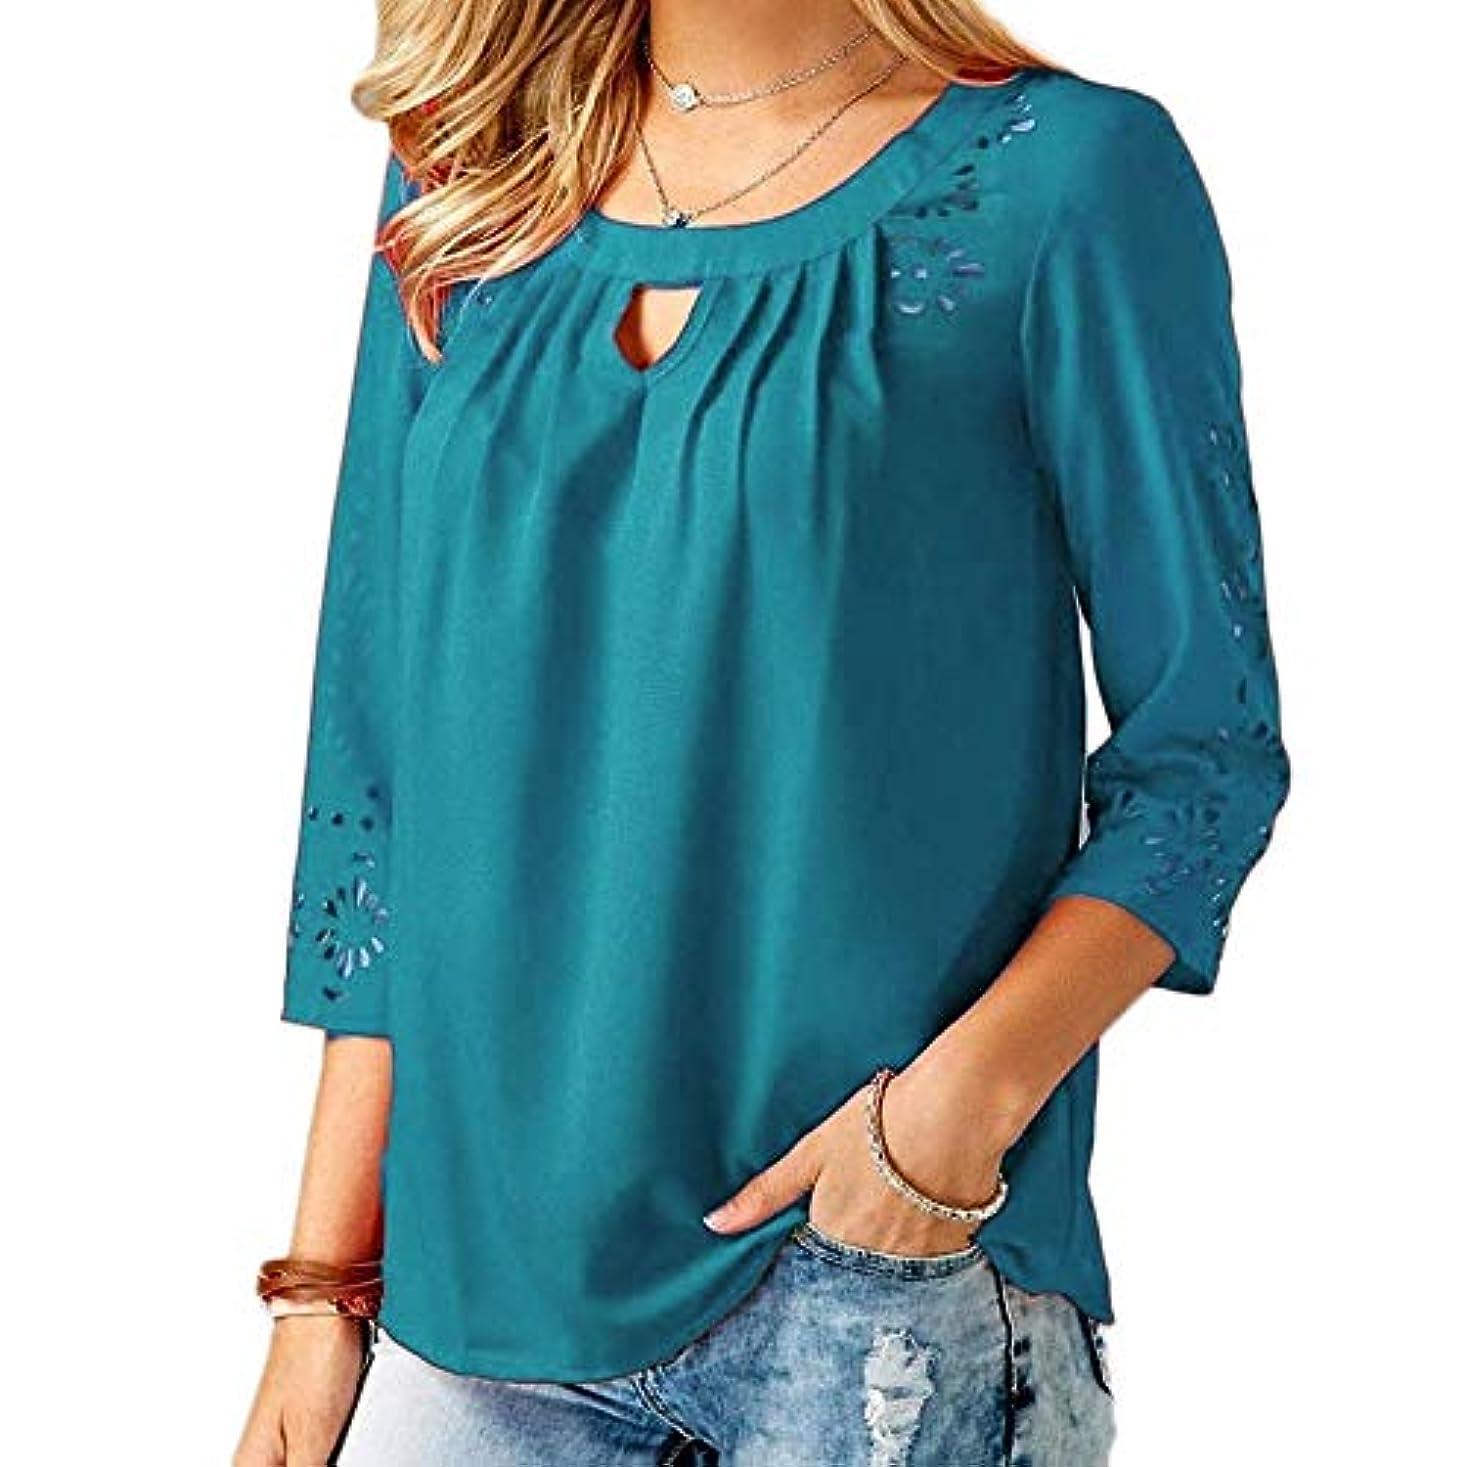 期限切れ発掘するバックアップMIFAN ゆったりTシャツ、シフォンシャツ、カジュアルシャツ、女性トップ、プラスサイズトップ